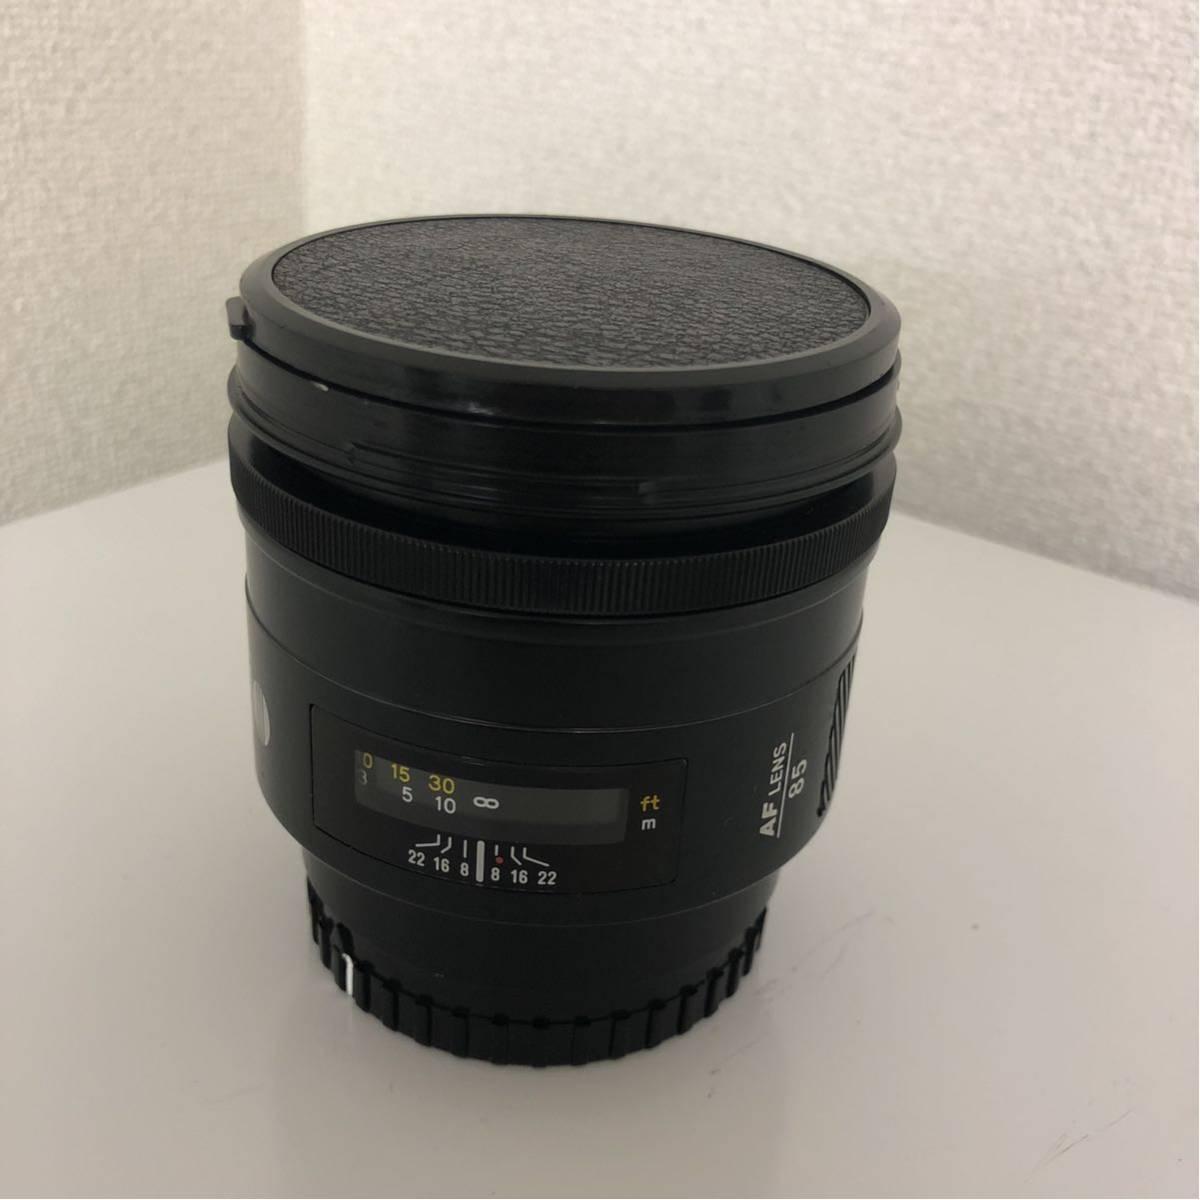 [カメラレンズ]ミノルタ/MINOLTA AF LENS 85mm 1:1.4(22)_画像2